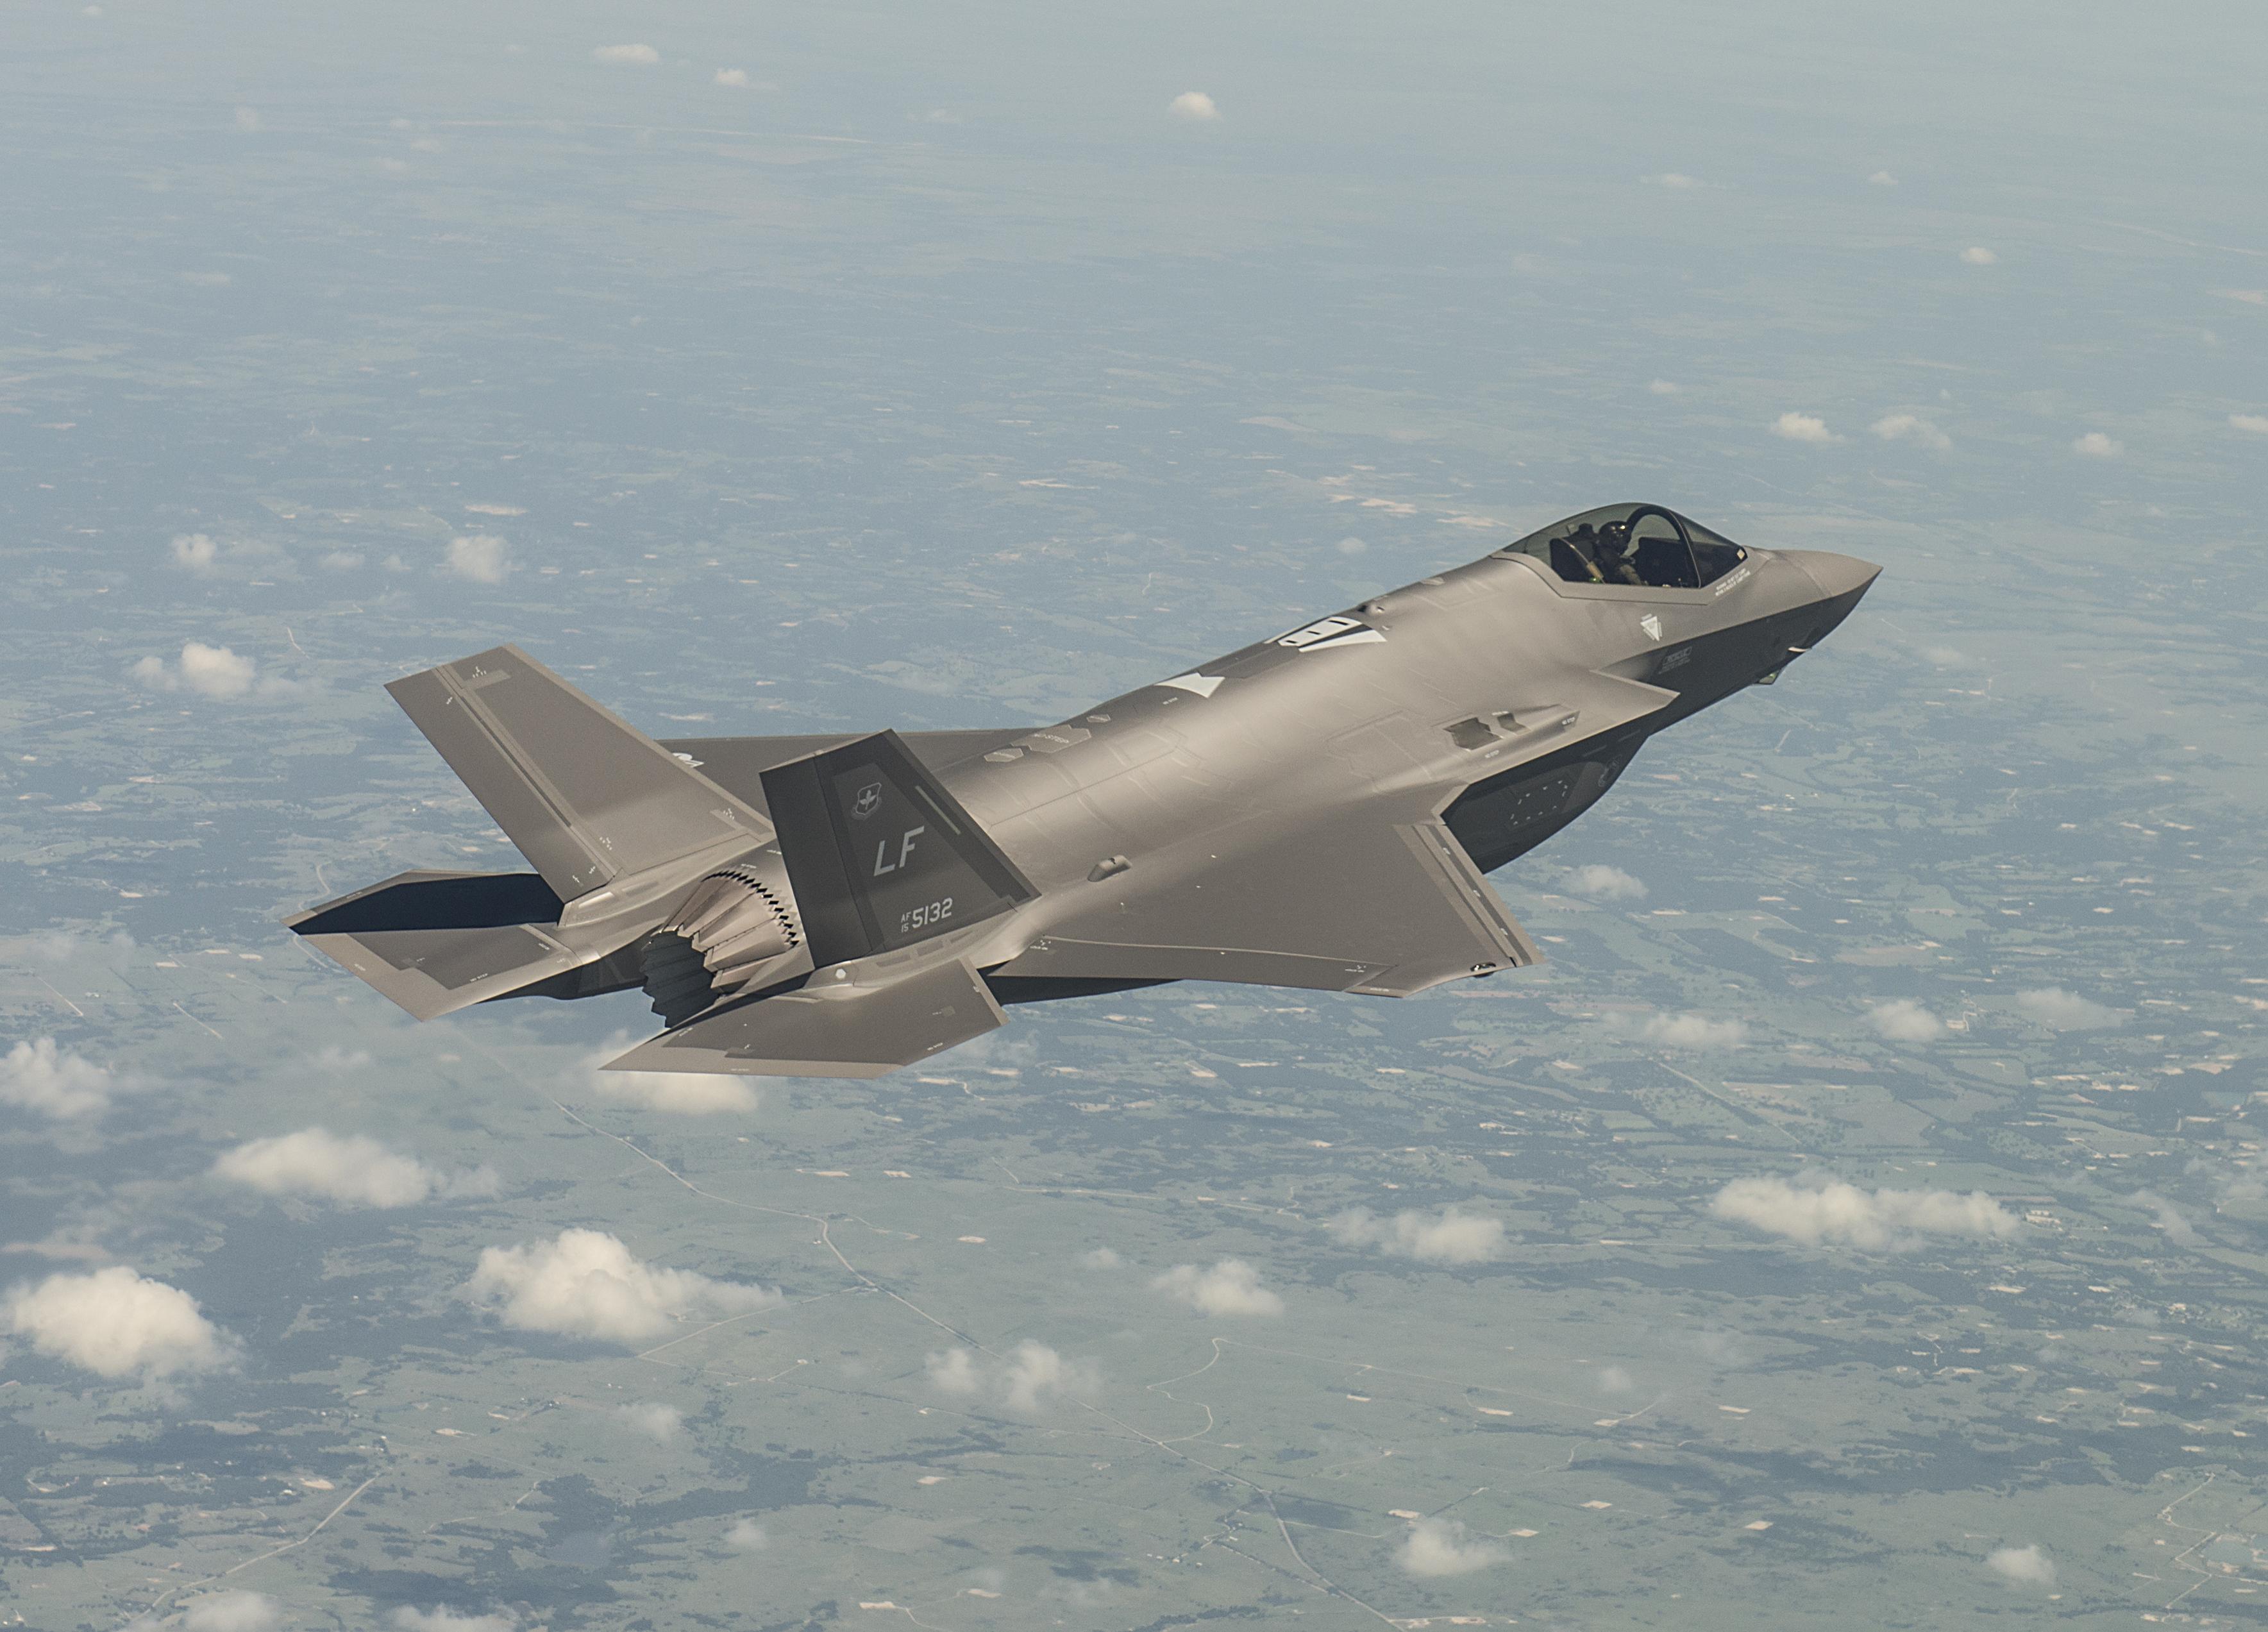 An F-35 in flight